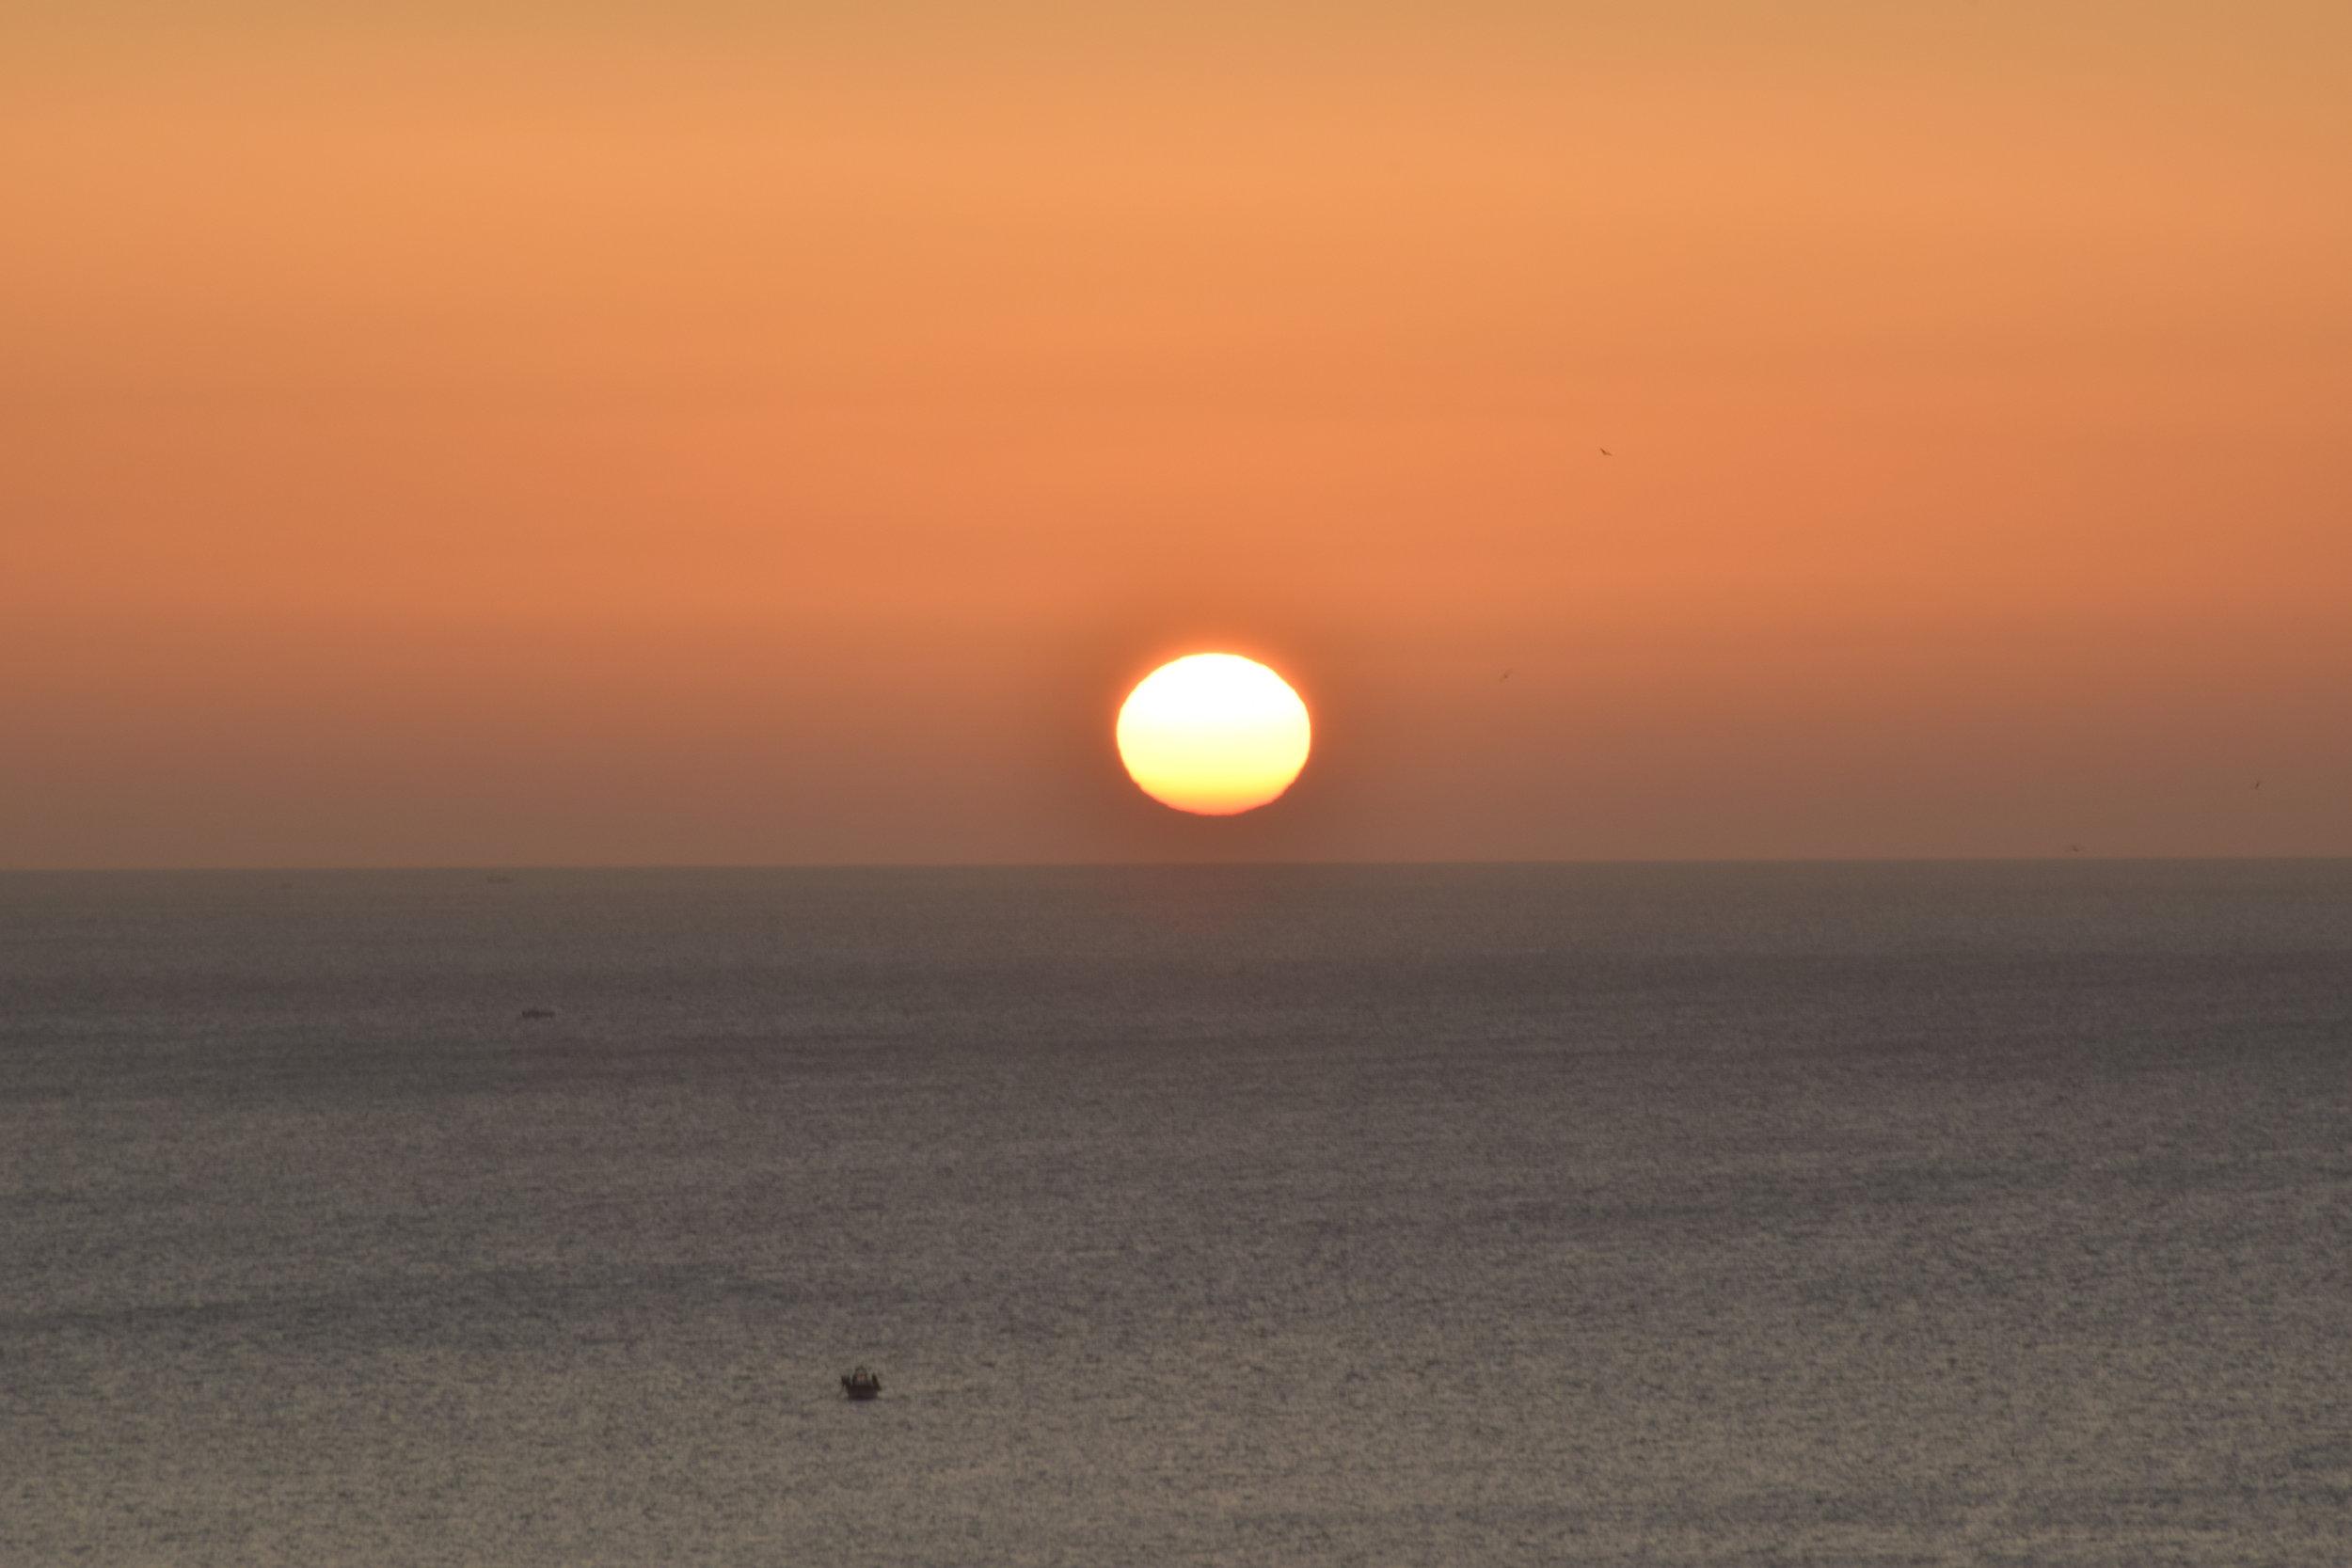 Psicología y autocuidado: contempla el amanecer